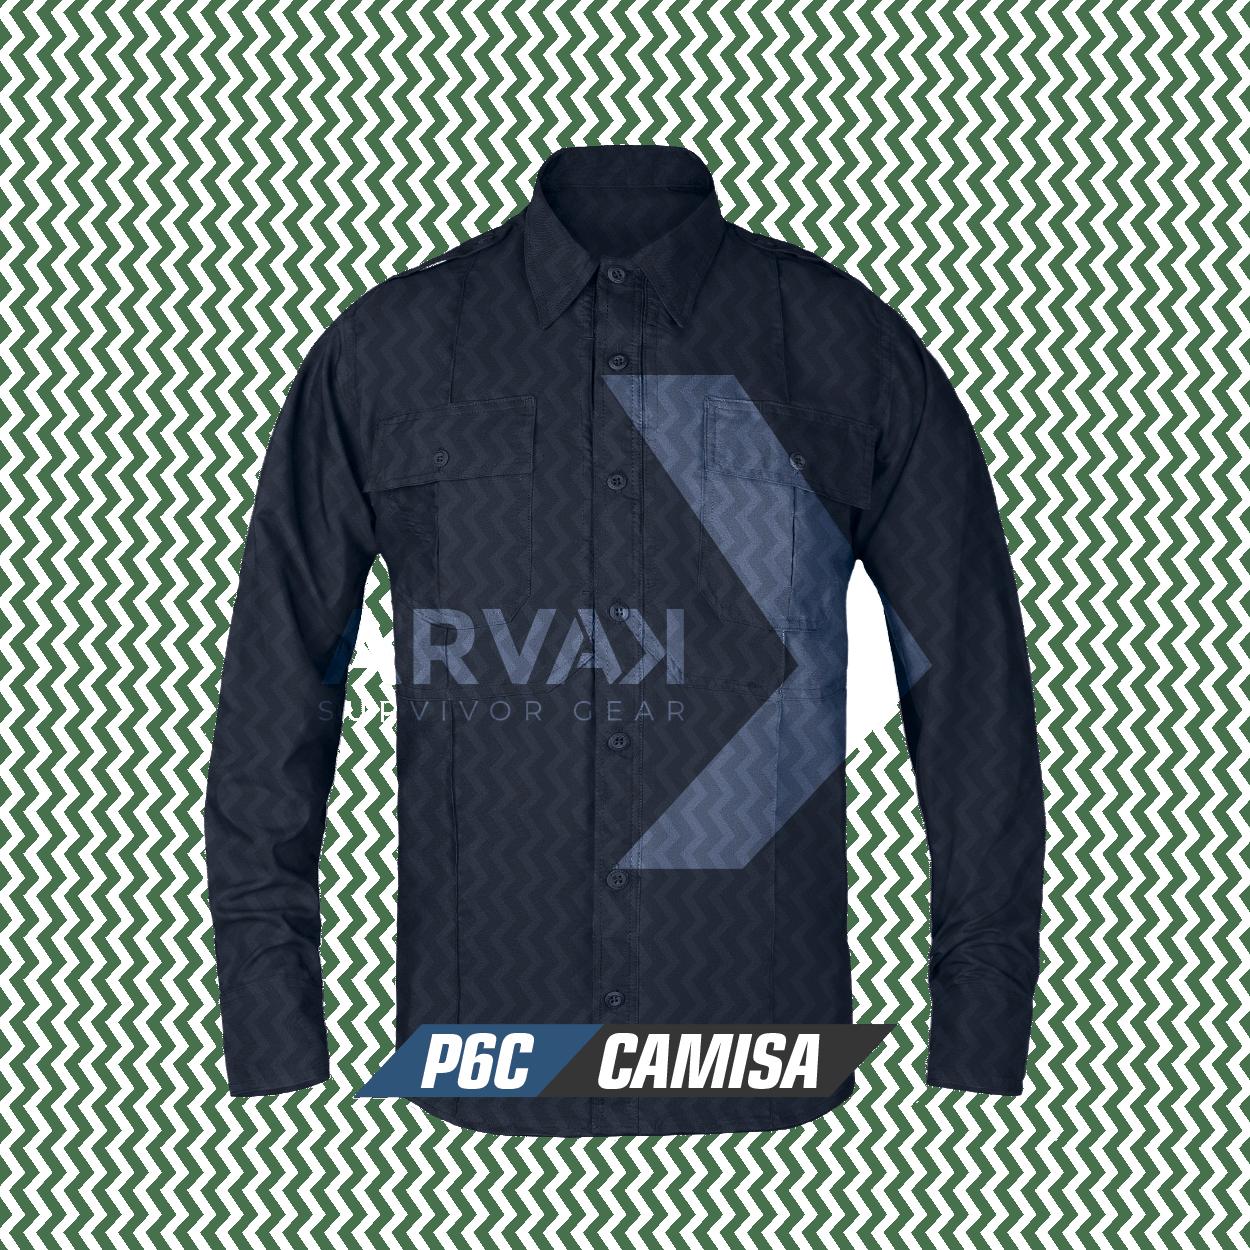 Camisa P6C Arvak Tactical